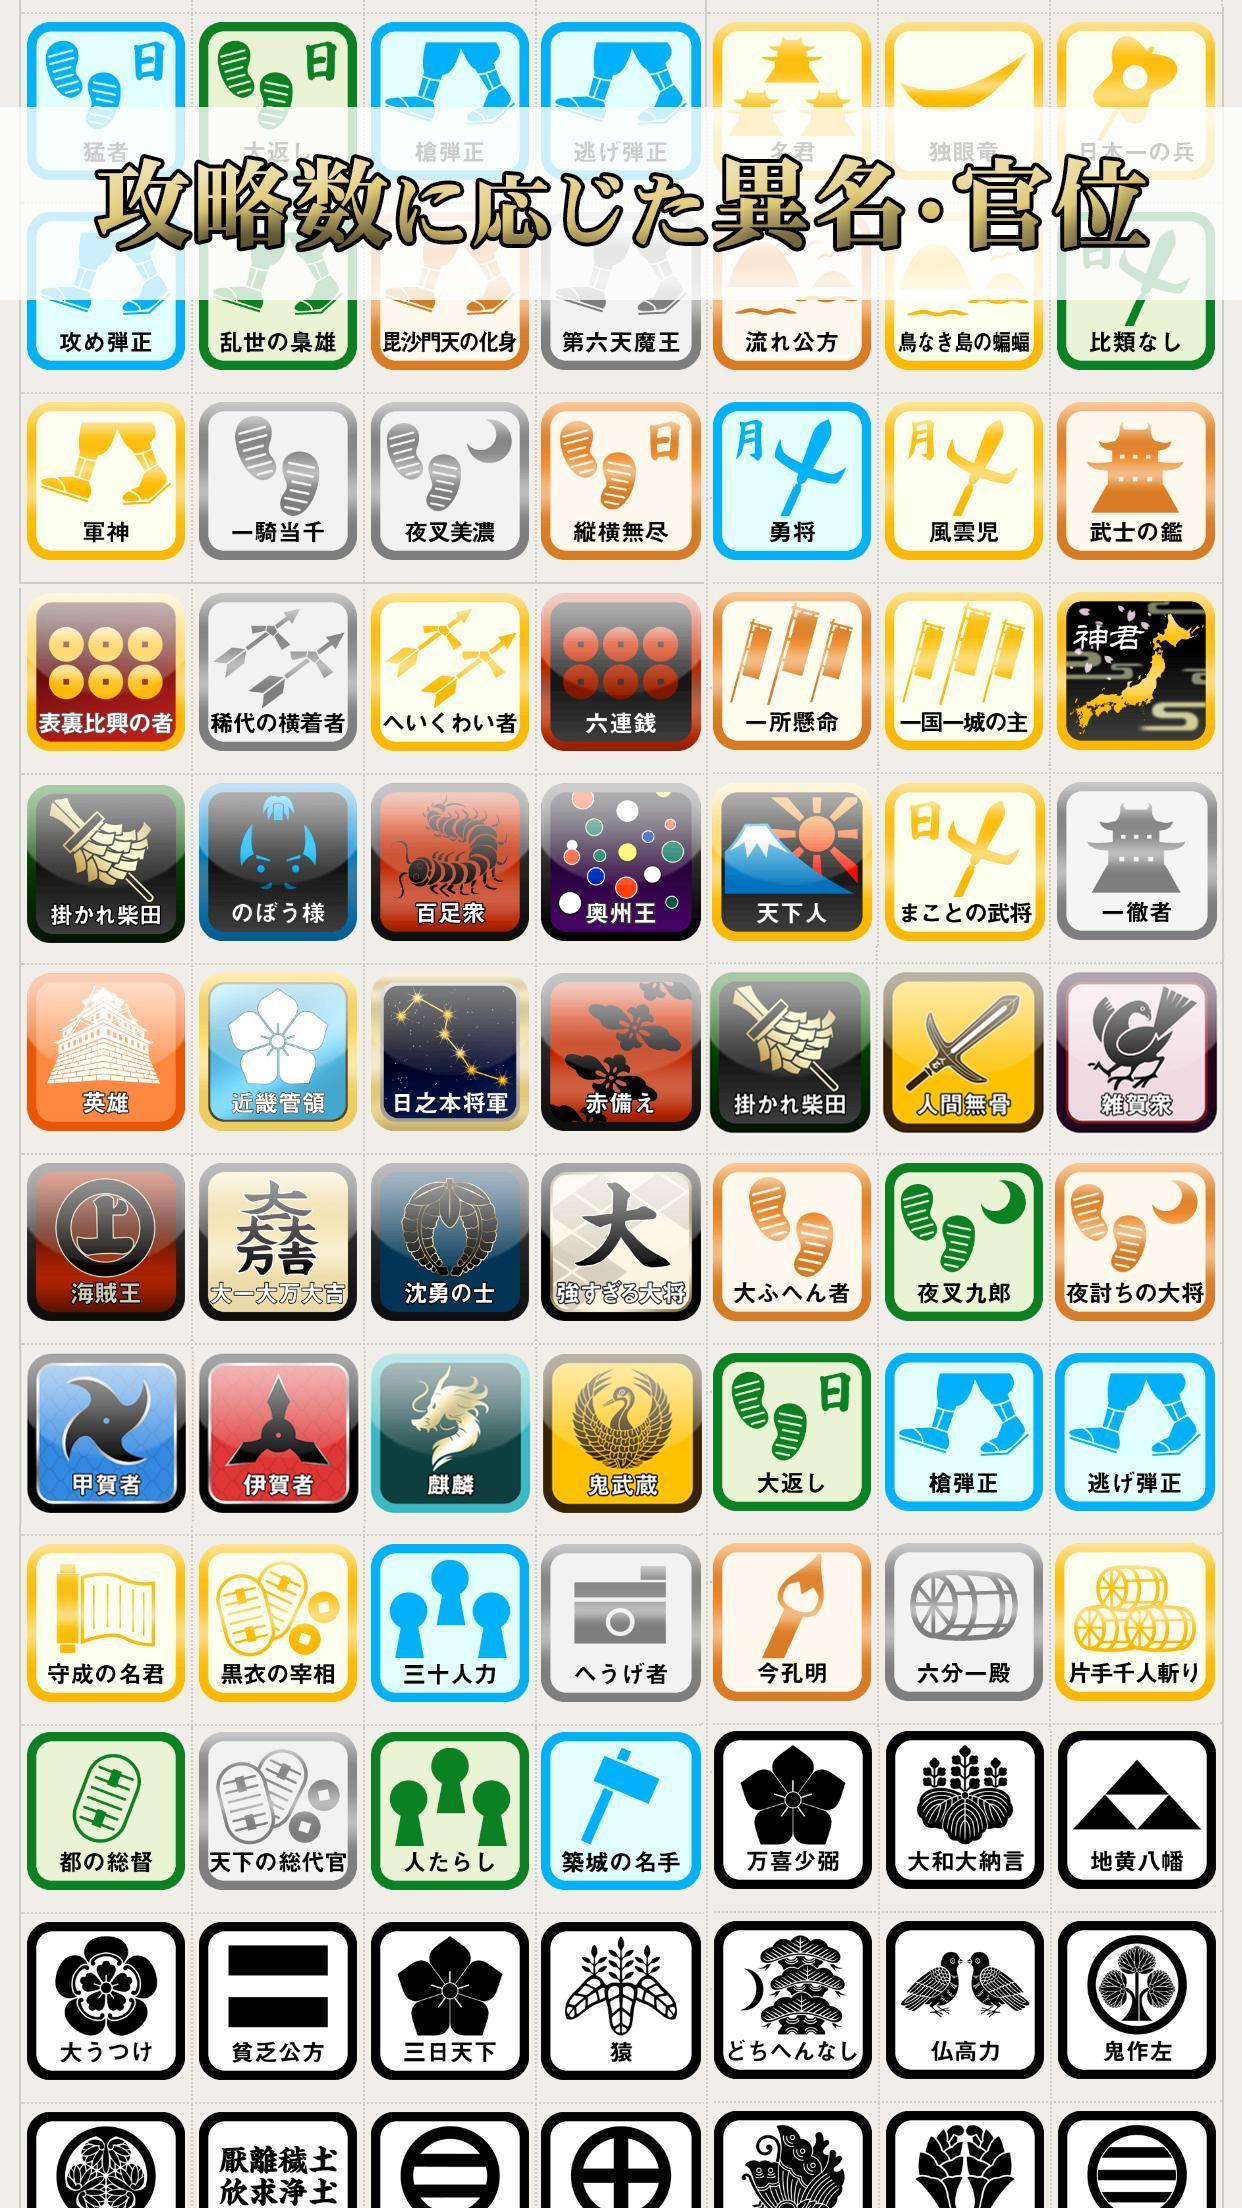 ニッポン城めぐり(無料スタンプラリー・戦国位置ゲーム) 4.6.1 Screenshot 5